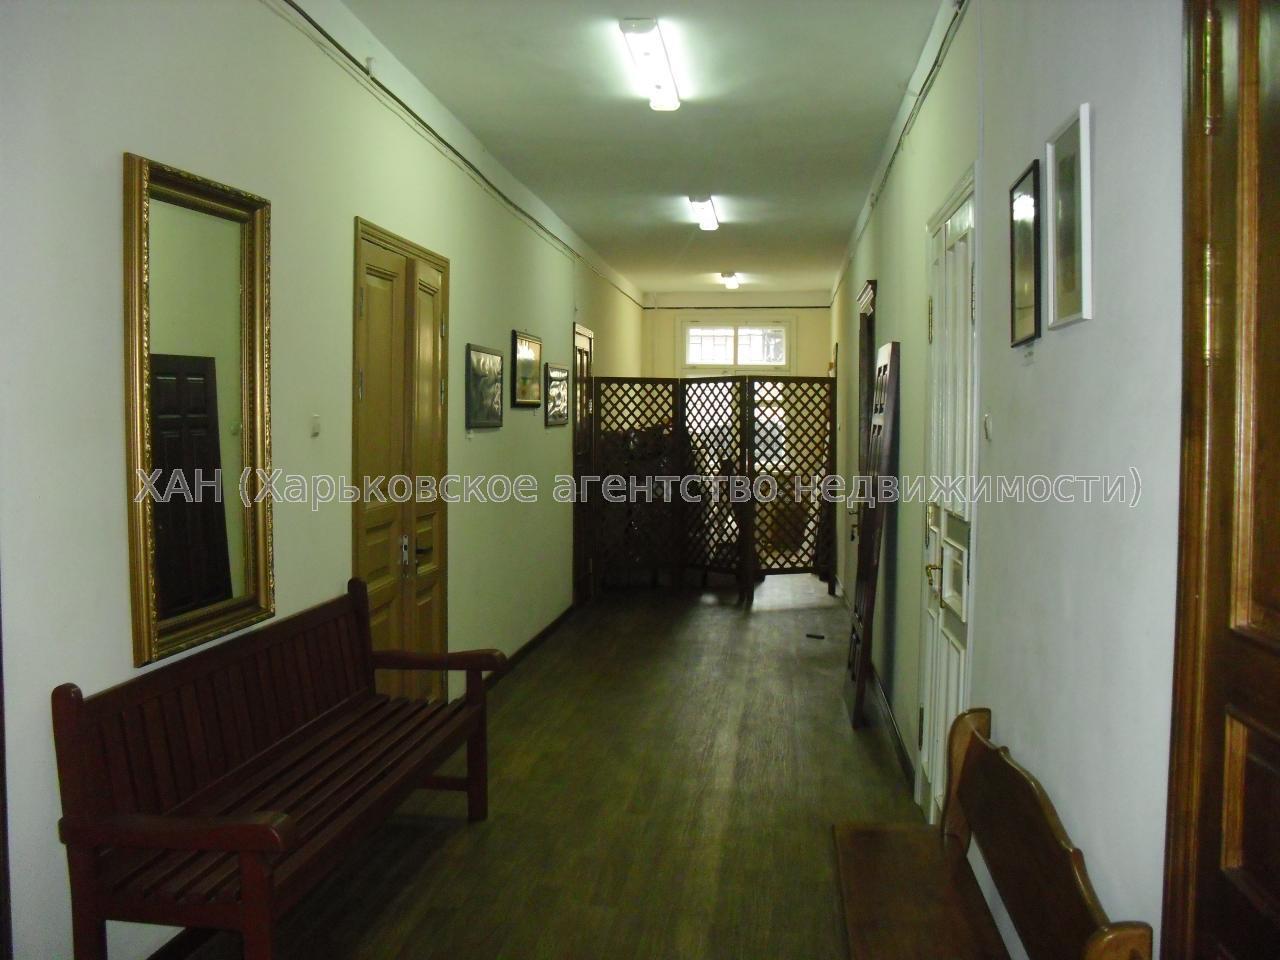 Фото 5 - Продам производственное помещение Харьков, Студенческая ул.